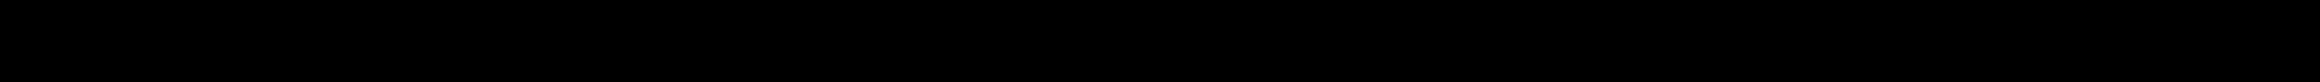 BERU 0460100350, A 350 Antenne